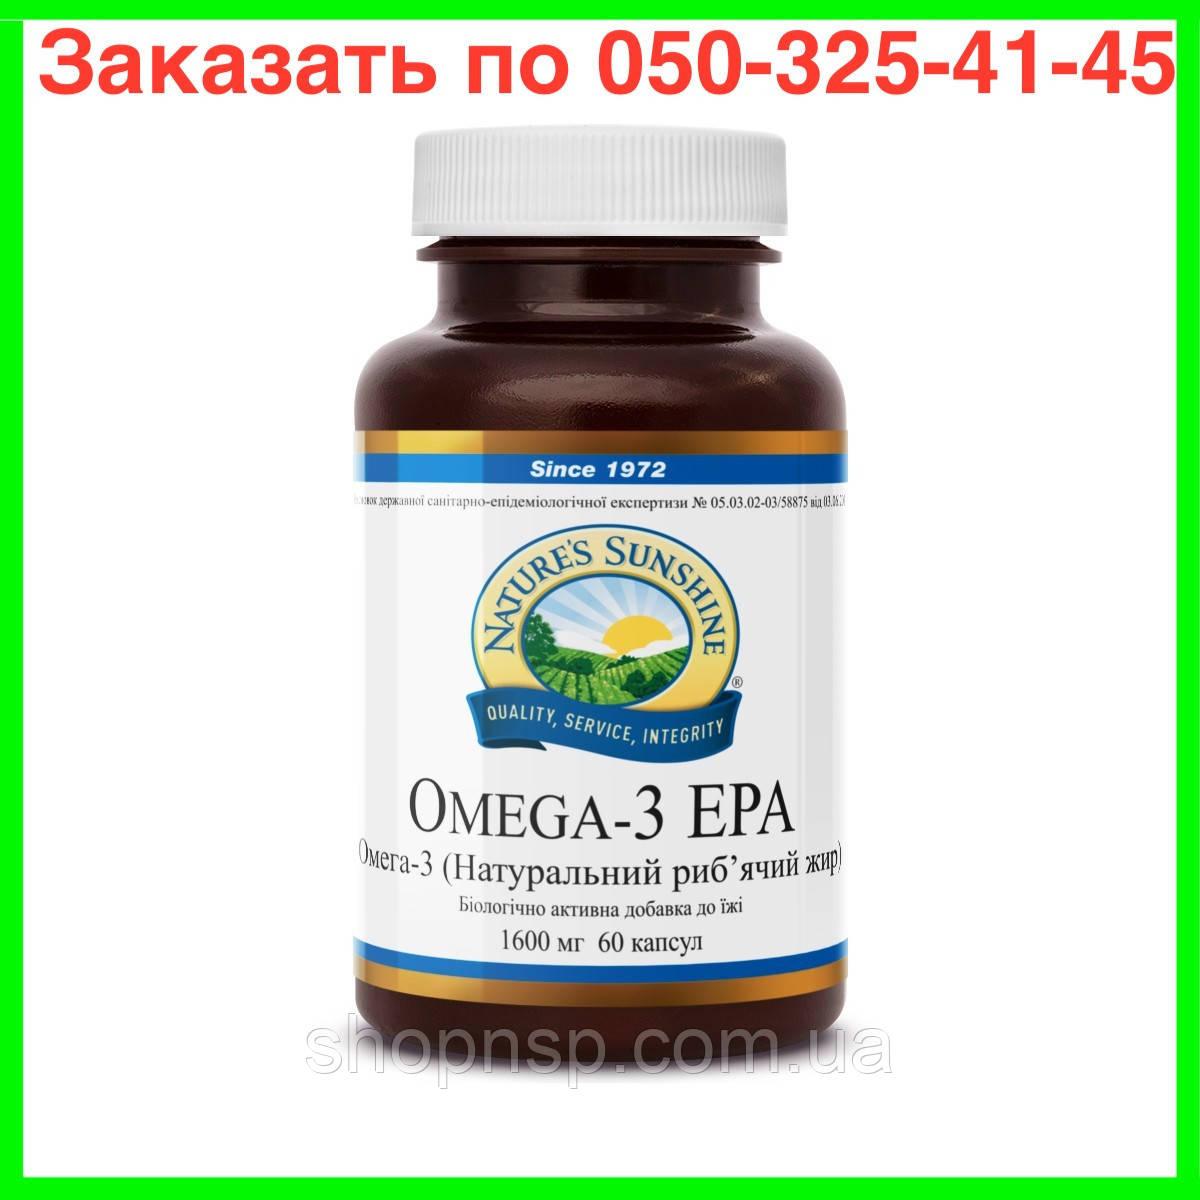 Купить Омега-3 (ПНЖК) НСП. Омега-3 NSP (натуральный рыбий жир). Омега 3 Omega 3 nsp.НАТУРАЛЬНАЯ БИОДОБАВКА